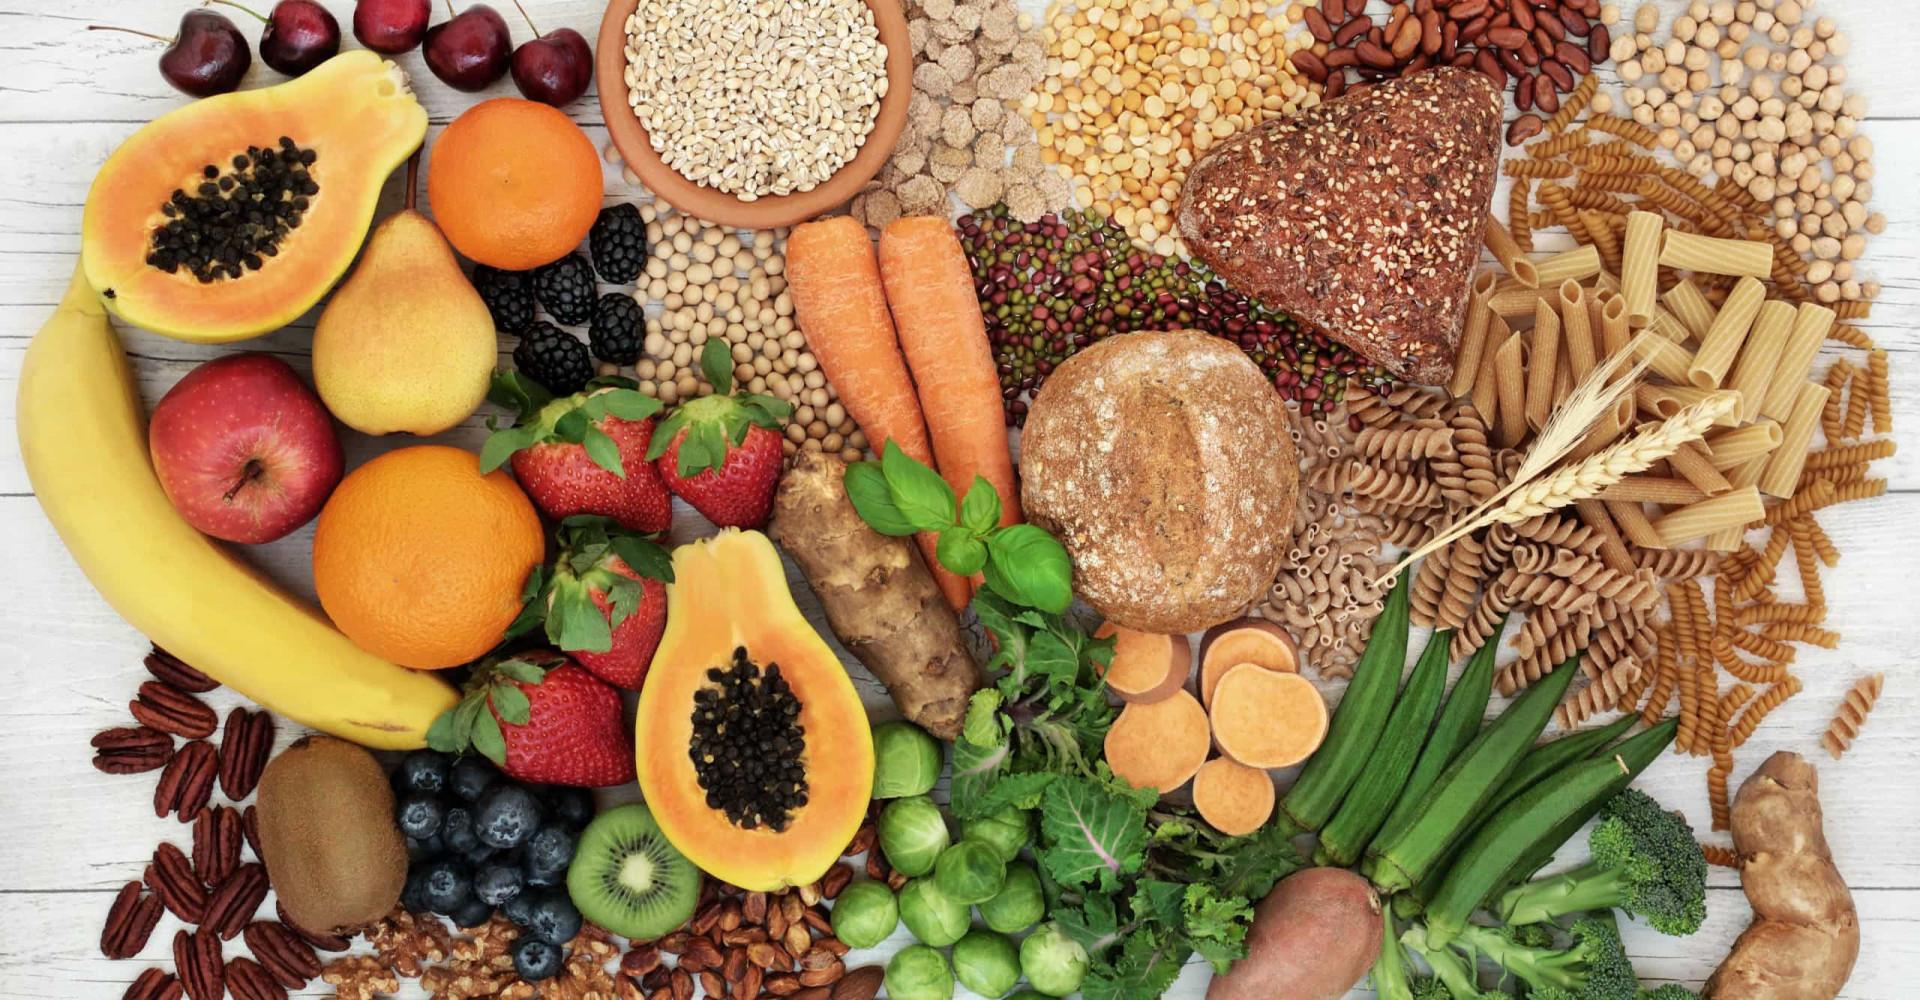 diete ad alto contenuto di fibre per la perdita di peso